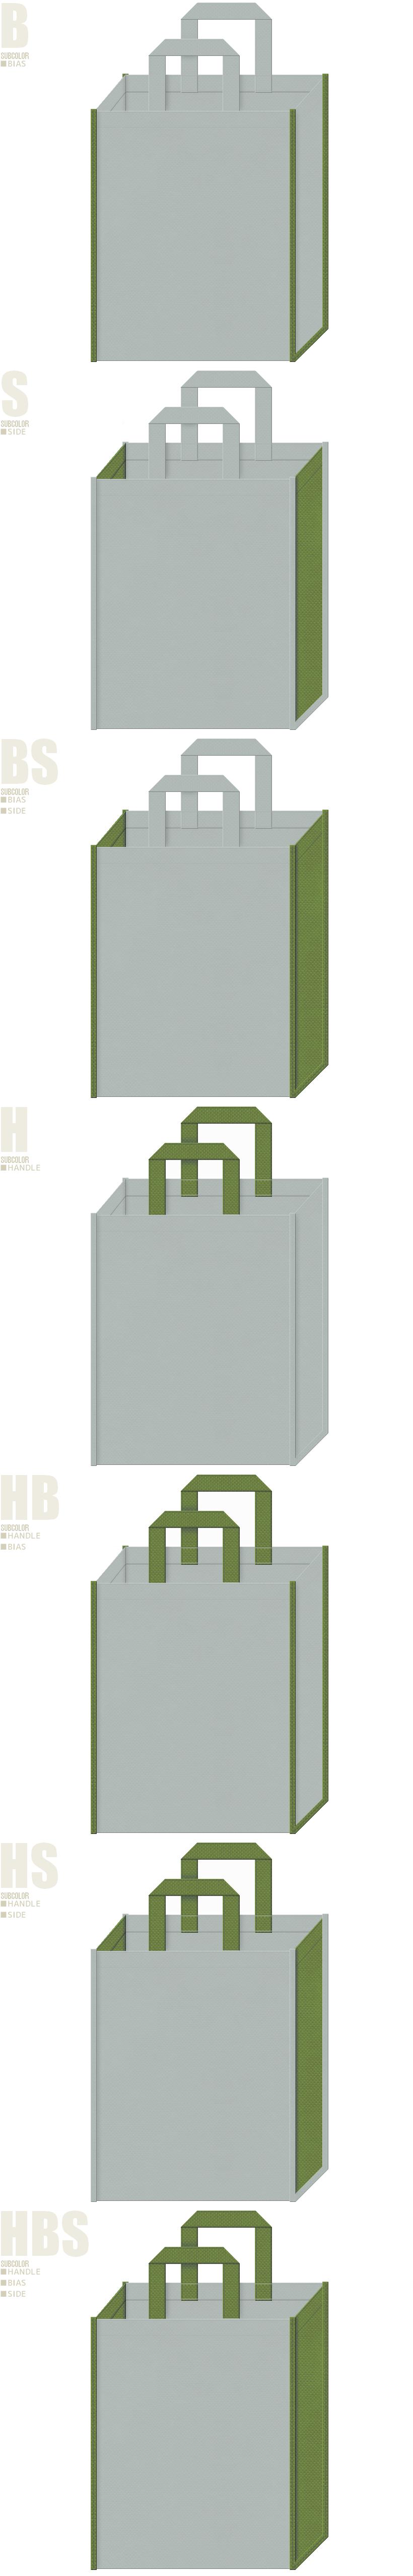 屋上緑化・壁面緑化の展示会用バッグにお奨めの不織布バッグデザイン:グレー色と草色の不織布バッグ配色7パターン